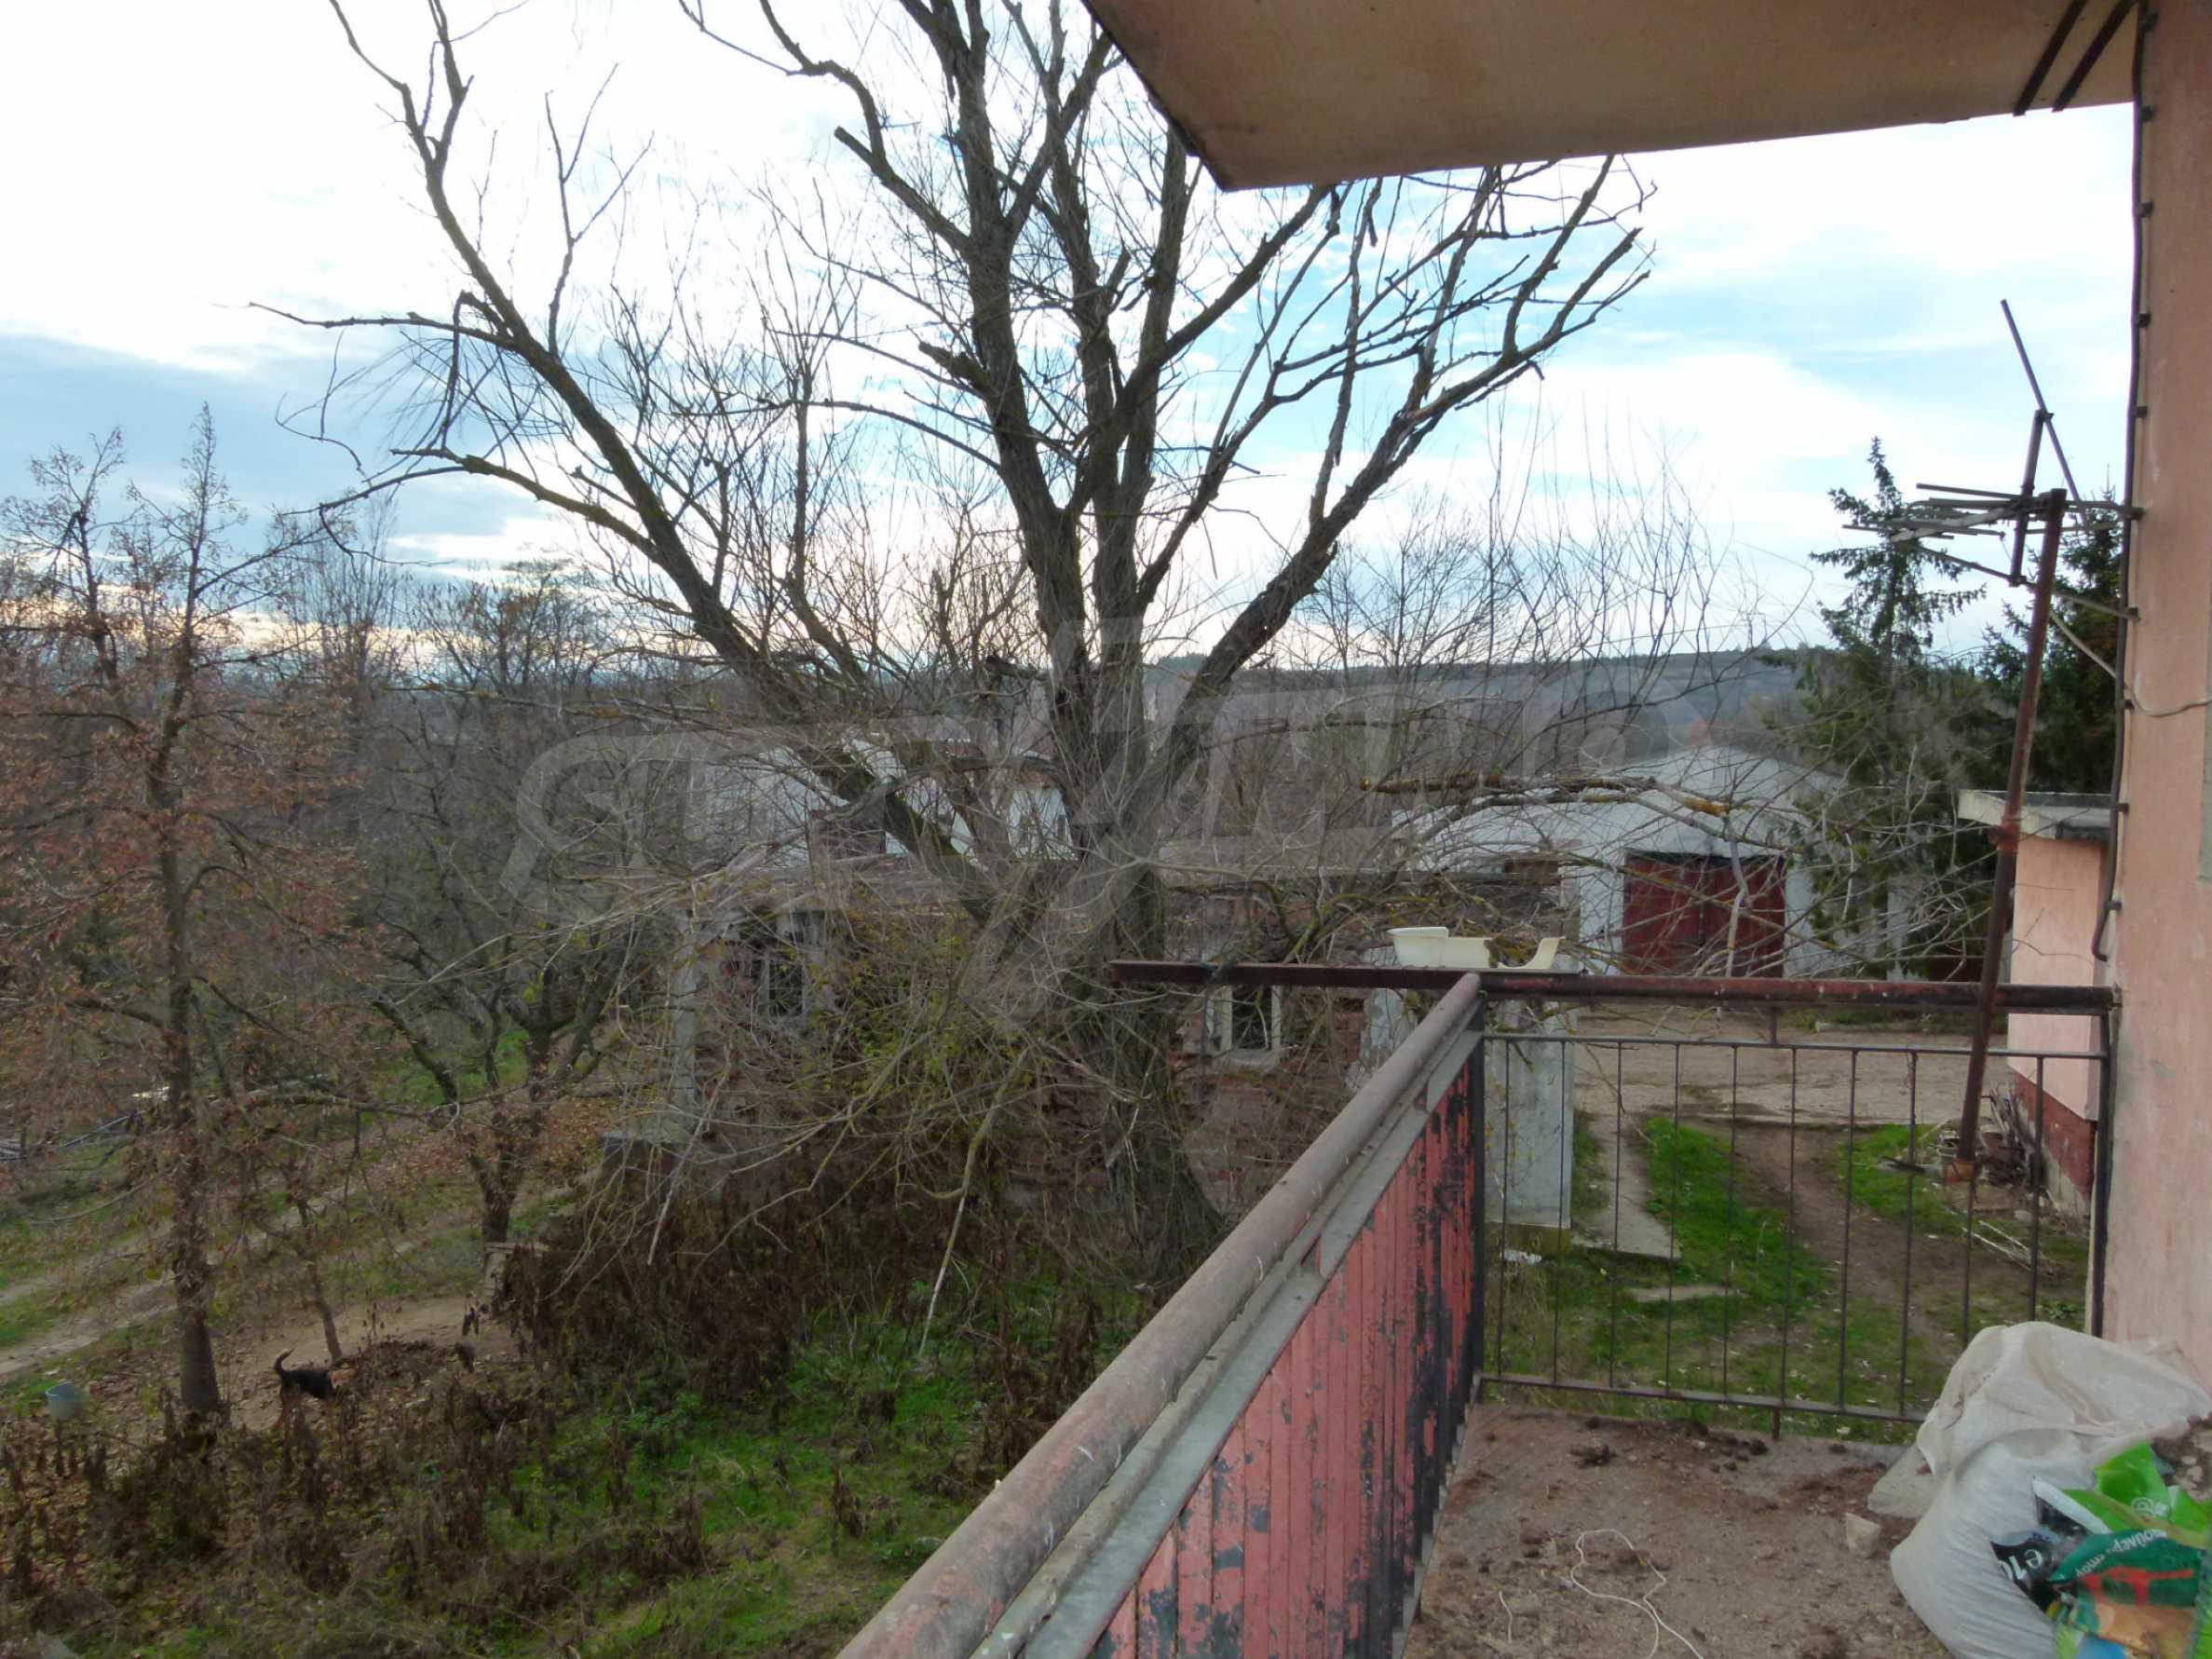 Ein Nebengebäude in einer kleinen Stadt 24 km von Veliko Tarnovo entfernt 4